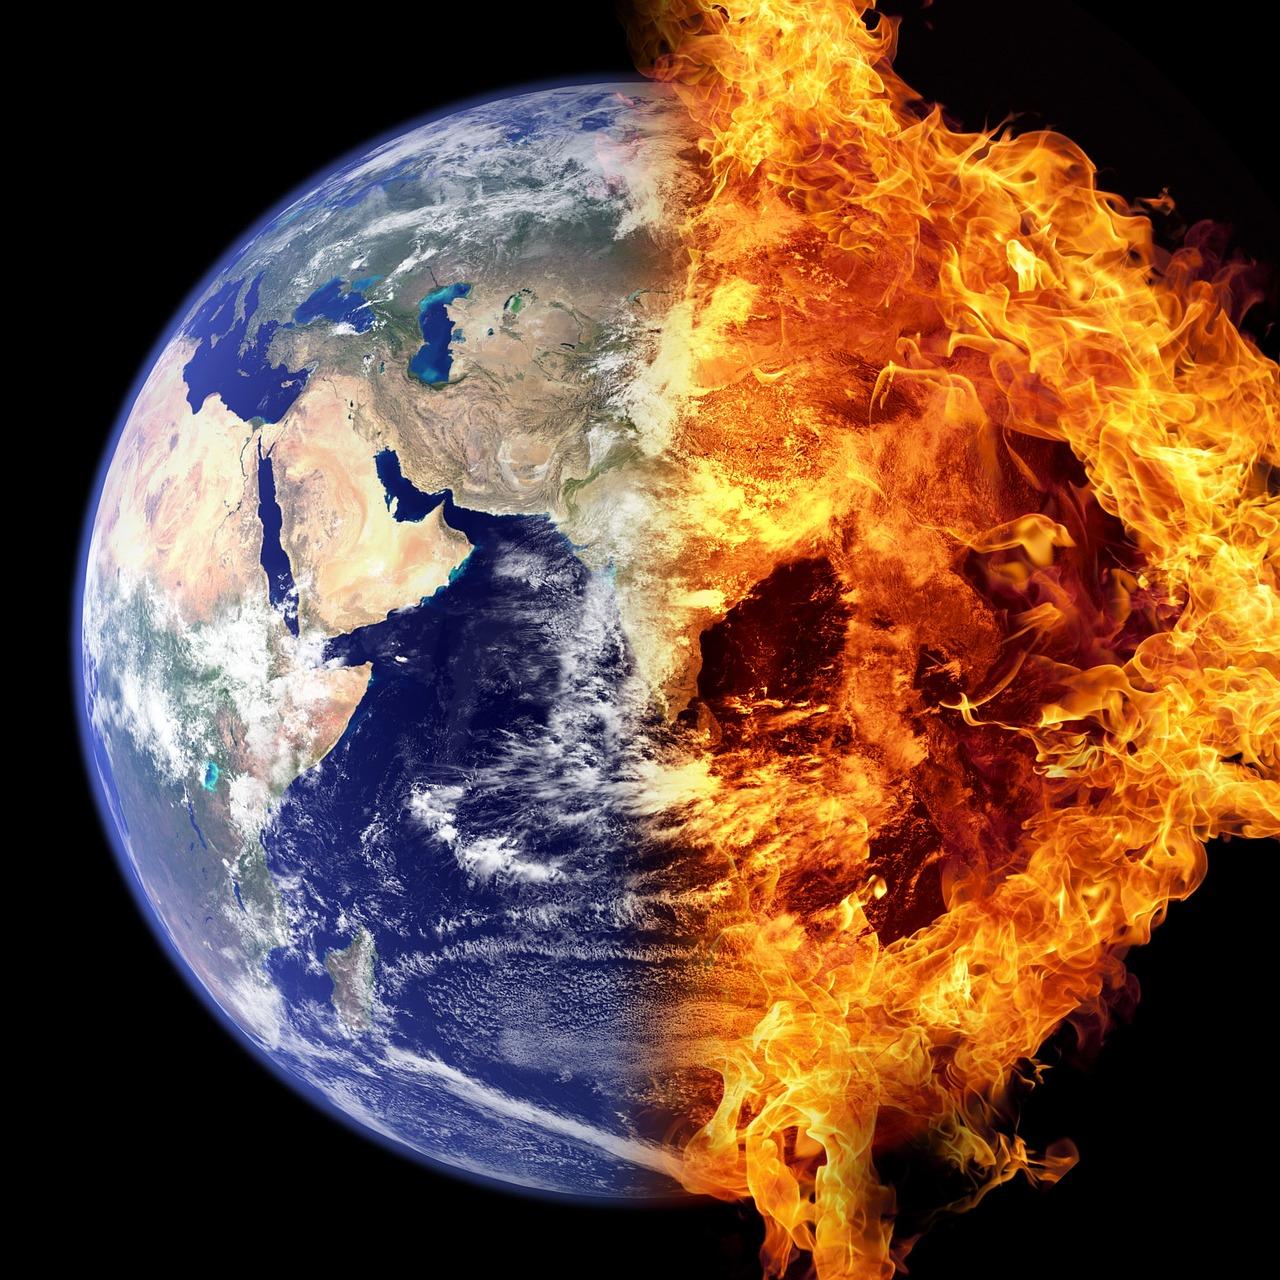 01 Settimana sociale - terra che brucia